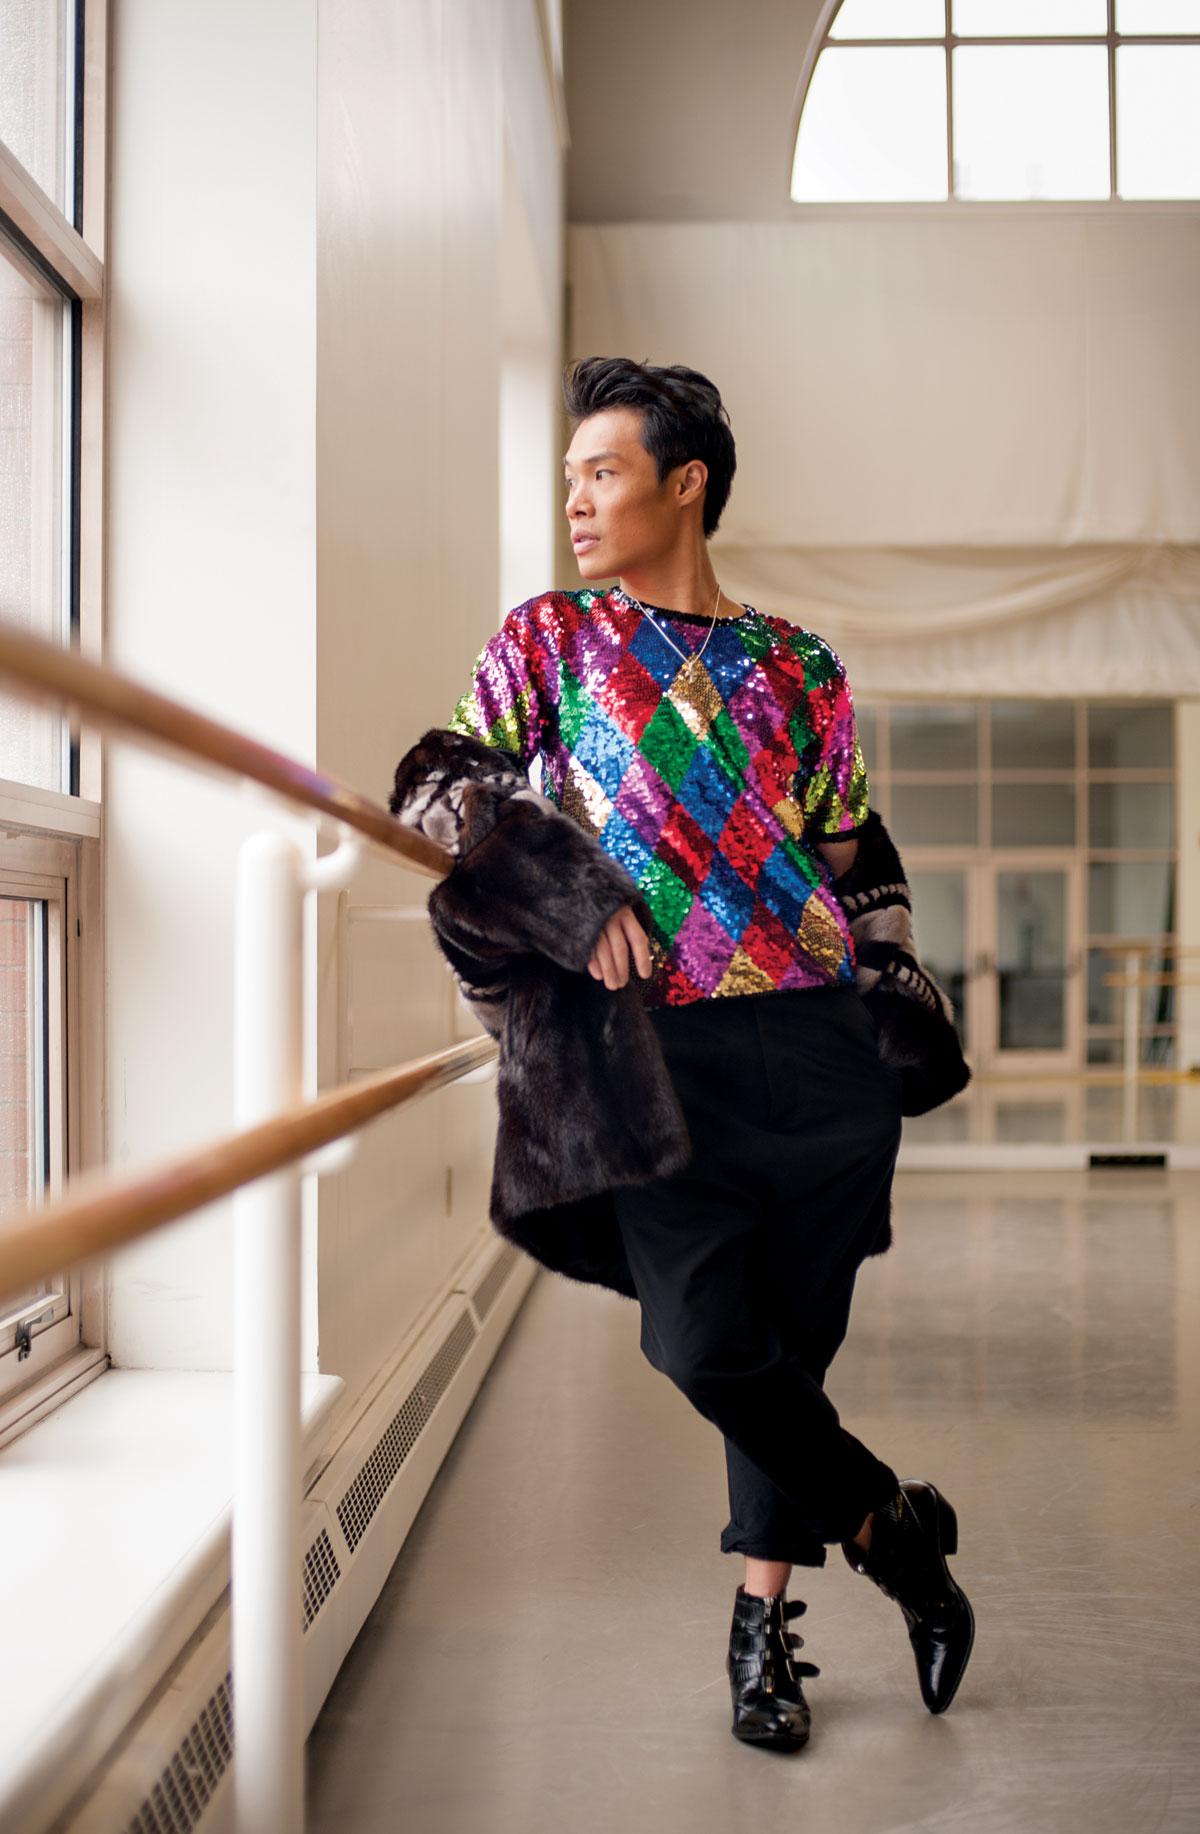 Boston Ballet Soloist Jam Lam